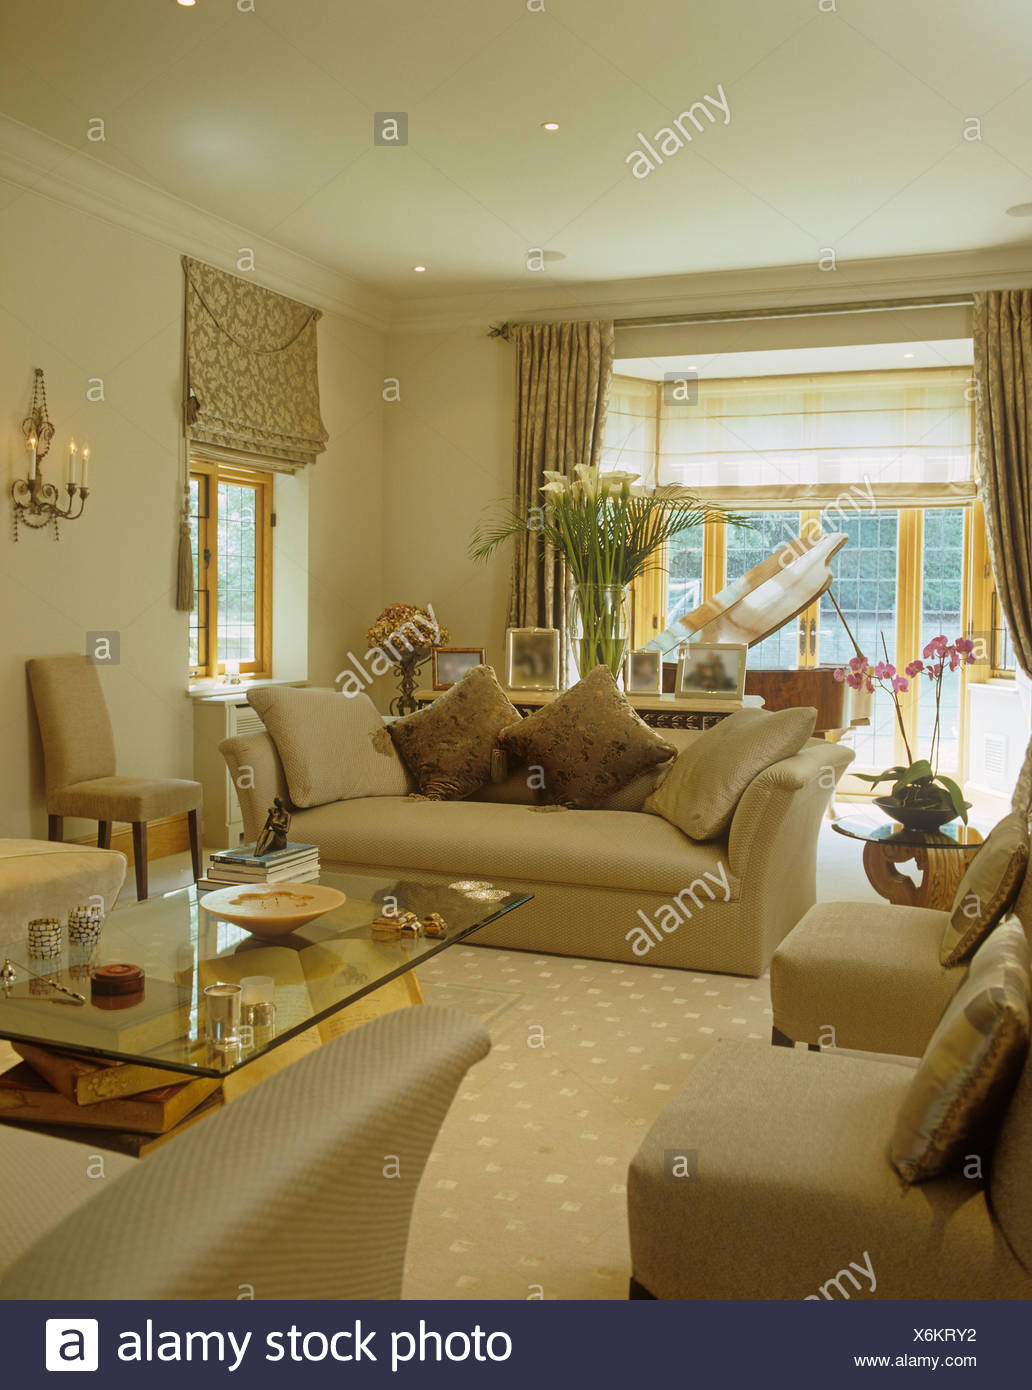 gardinen wohnzimmer erker. Black Bedroom Furniture Sets. Home Design Ideas